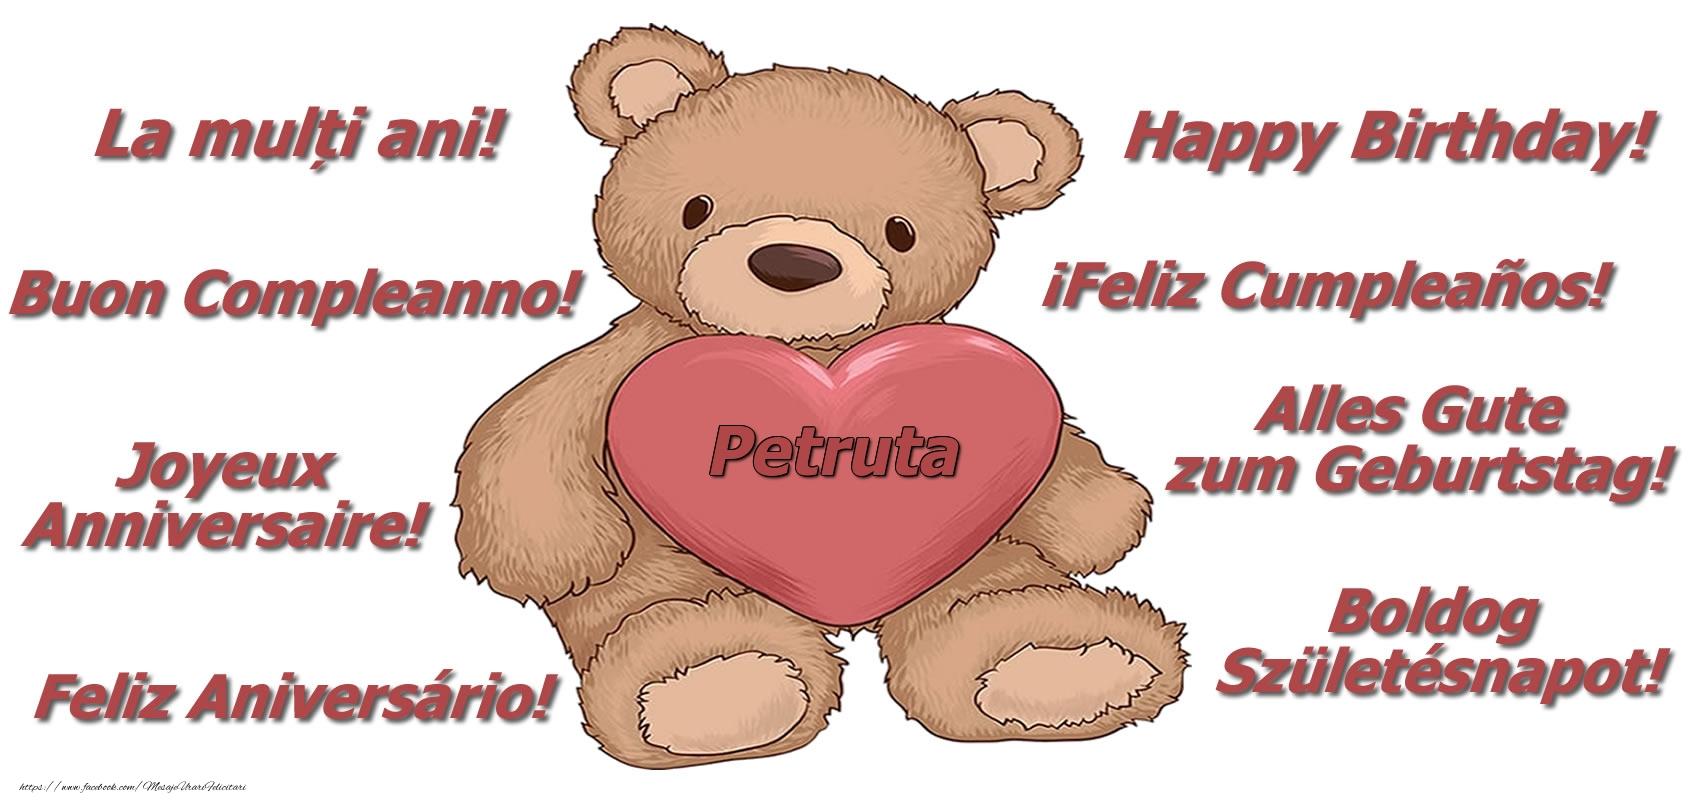 Felicitari de zi de nastere - La multi ani Petruta! - Ursulet